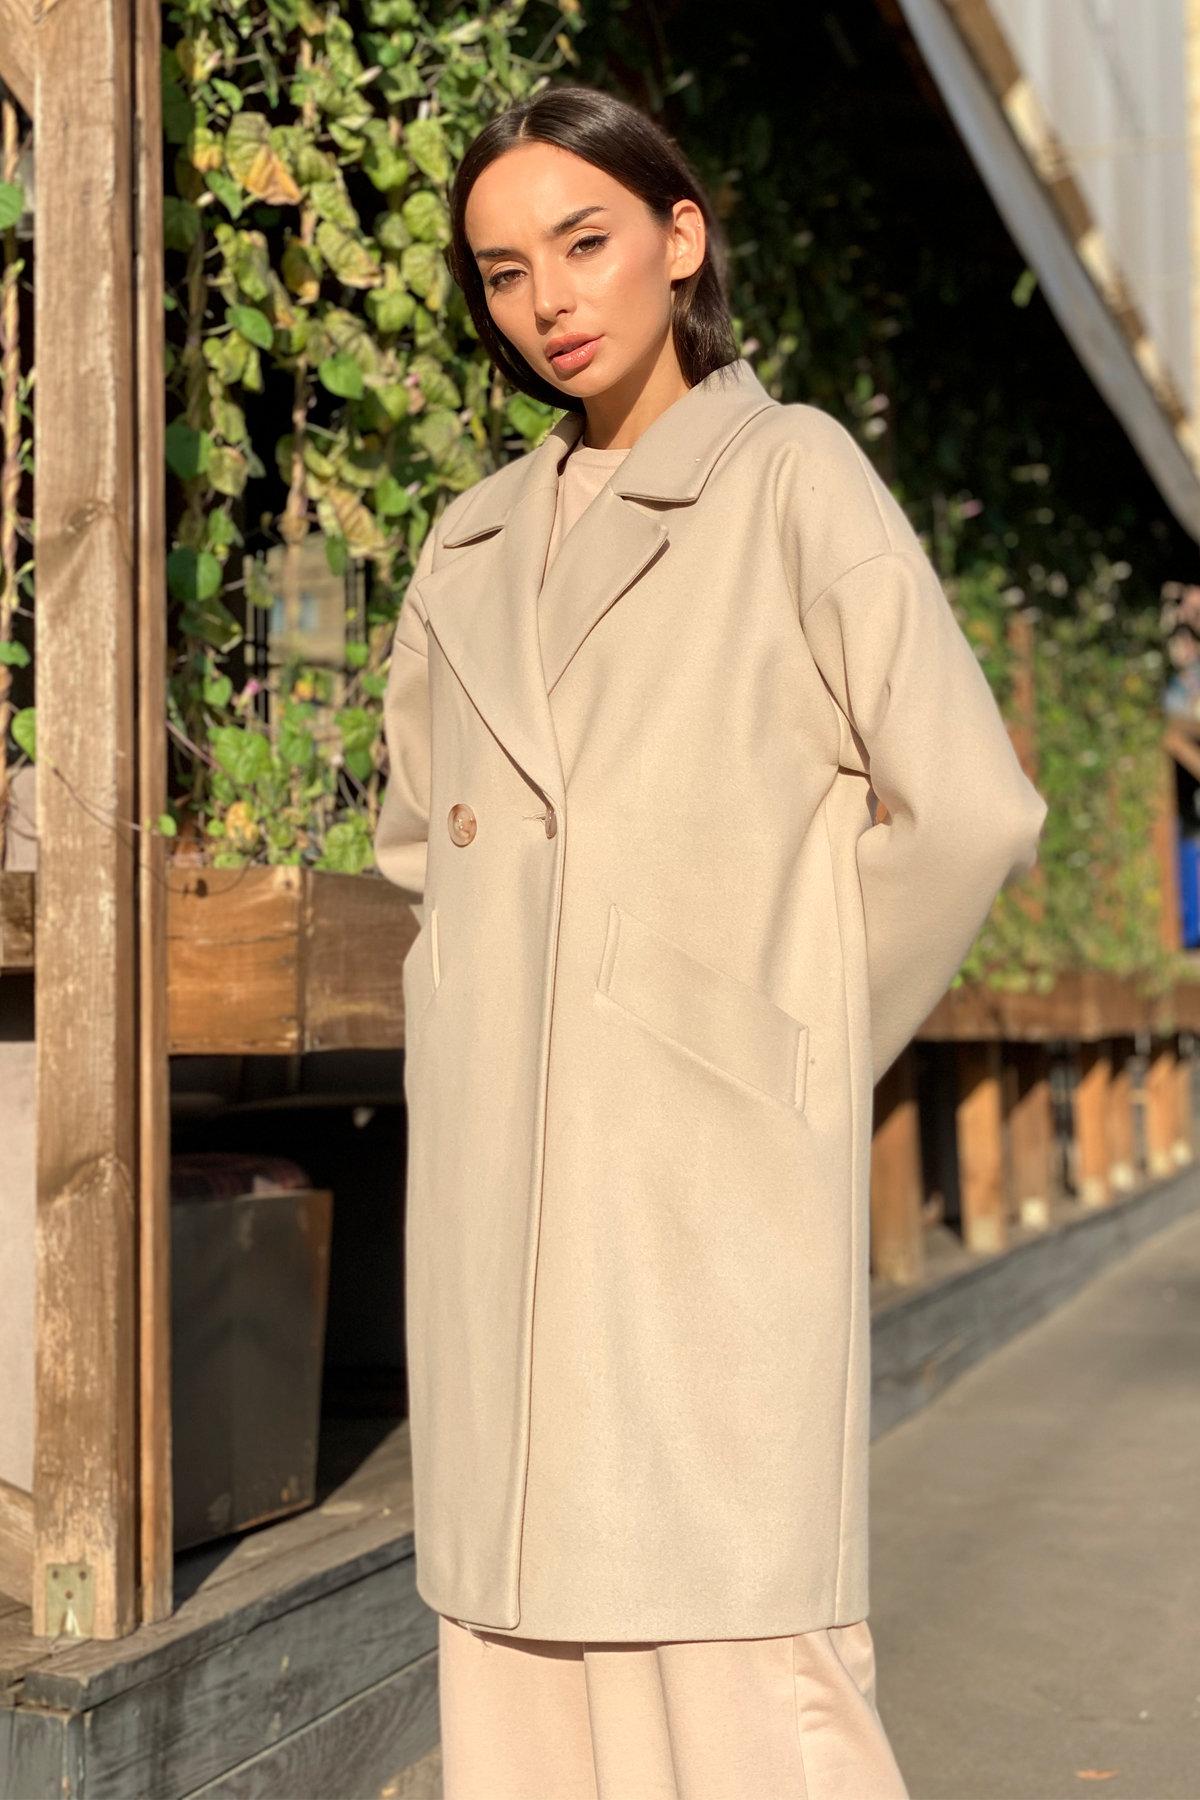 Пальто Сенсей 9006 АРТ. 45312 Цвет: Бежевый - фото 4, интернет магазин tm-modus.ru